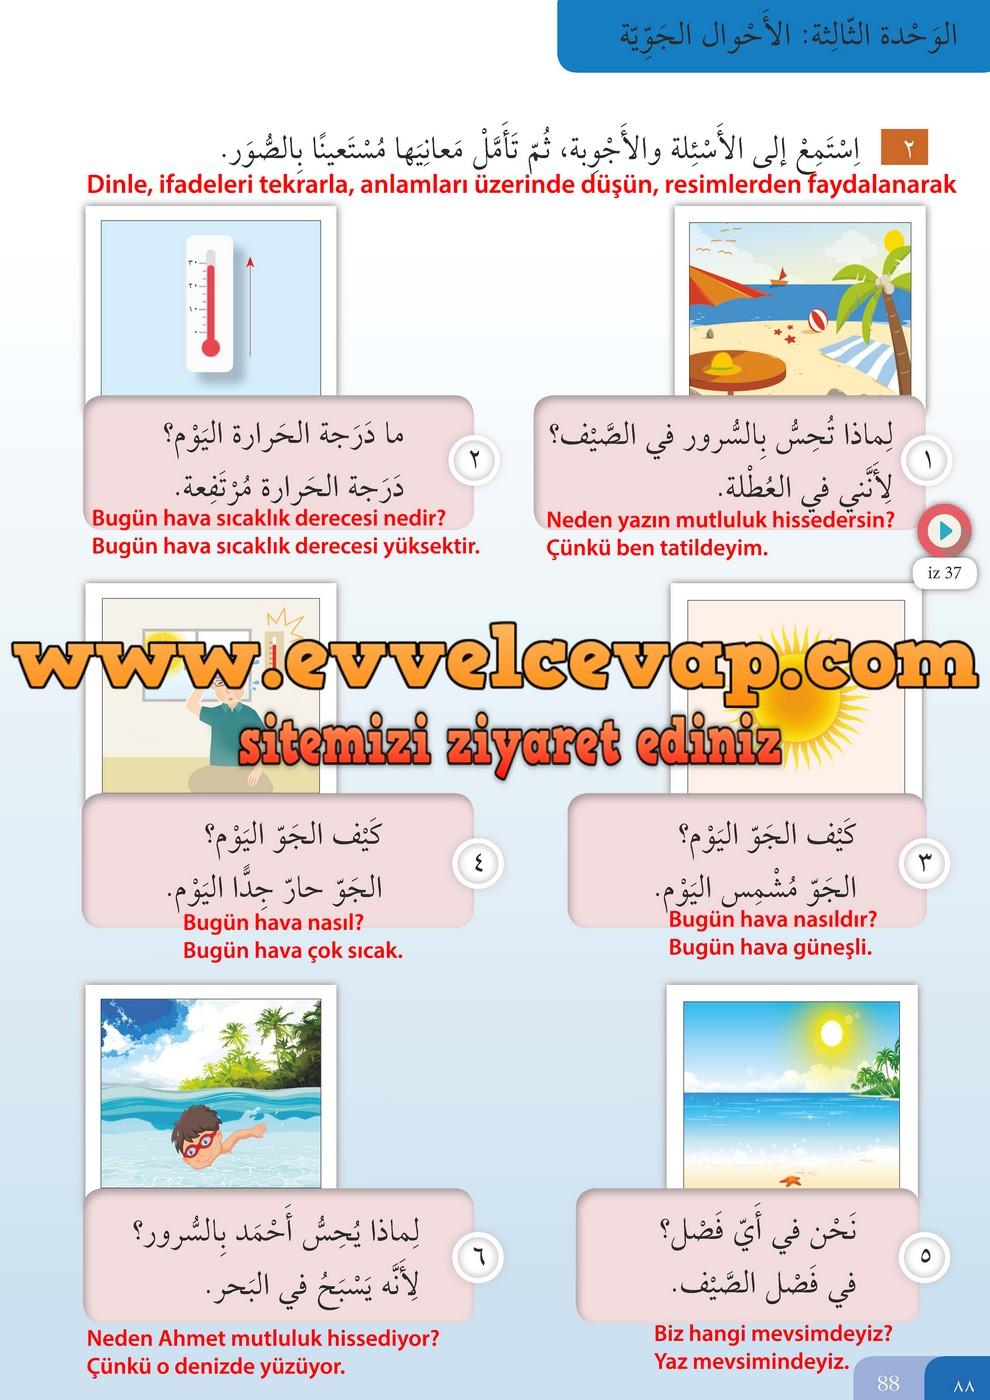 7 Sınıf Arapça Ders Ve öğrenci çalışma Kitabı Sayfa 88